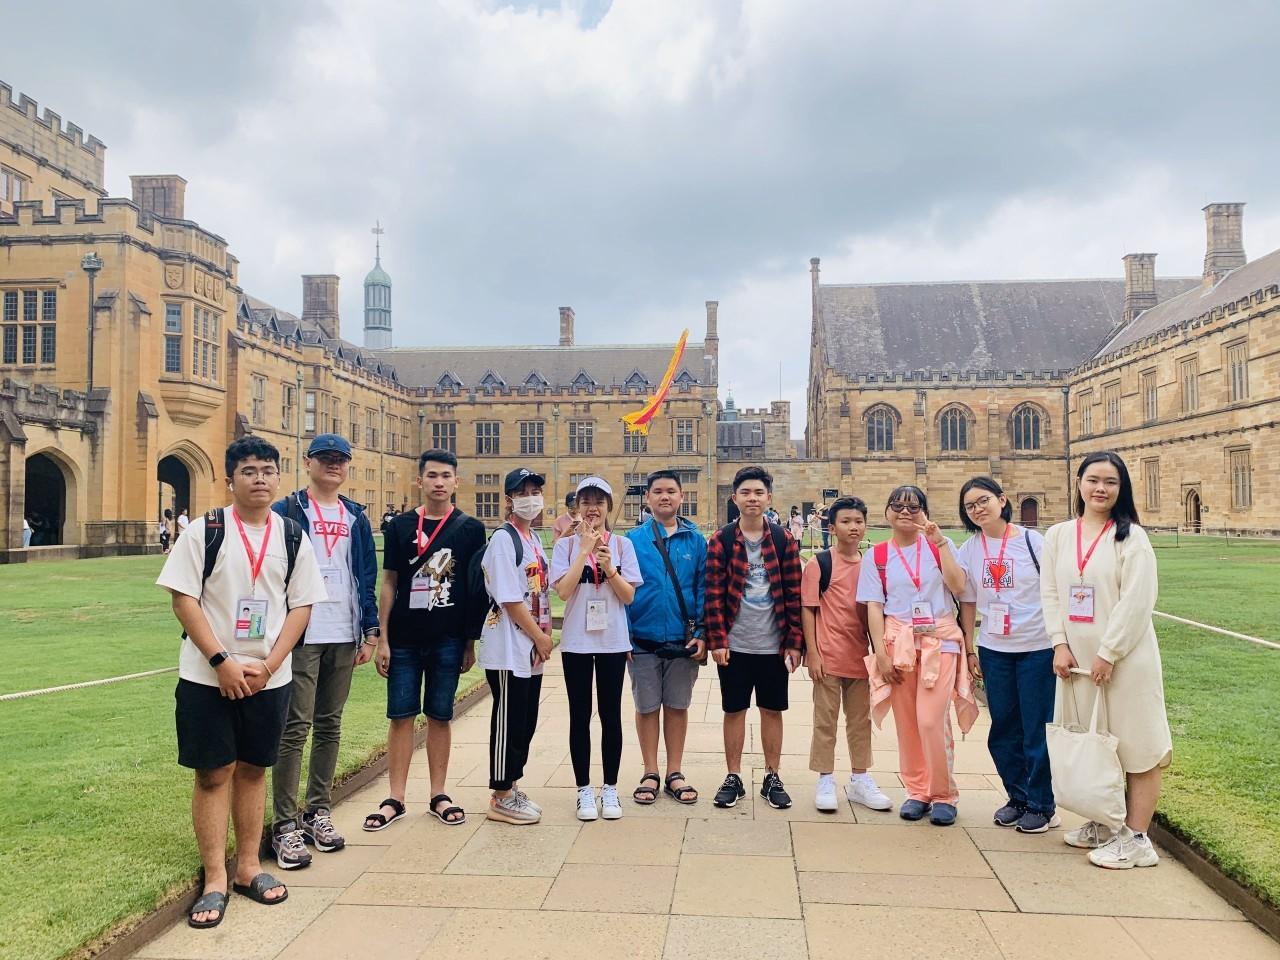 29 21 doan hoc sinh istudent tham quan dh sydney trong khuon kho chuong trinh du hoc tet 2020 1 iStudent đưa học sinh du học Úc vùng Regional